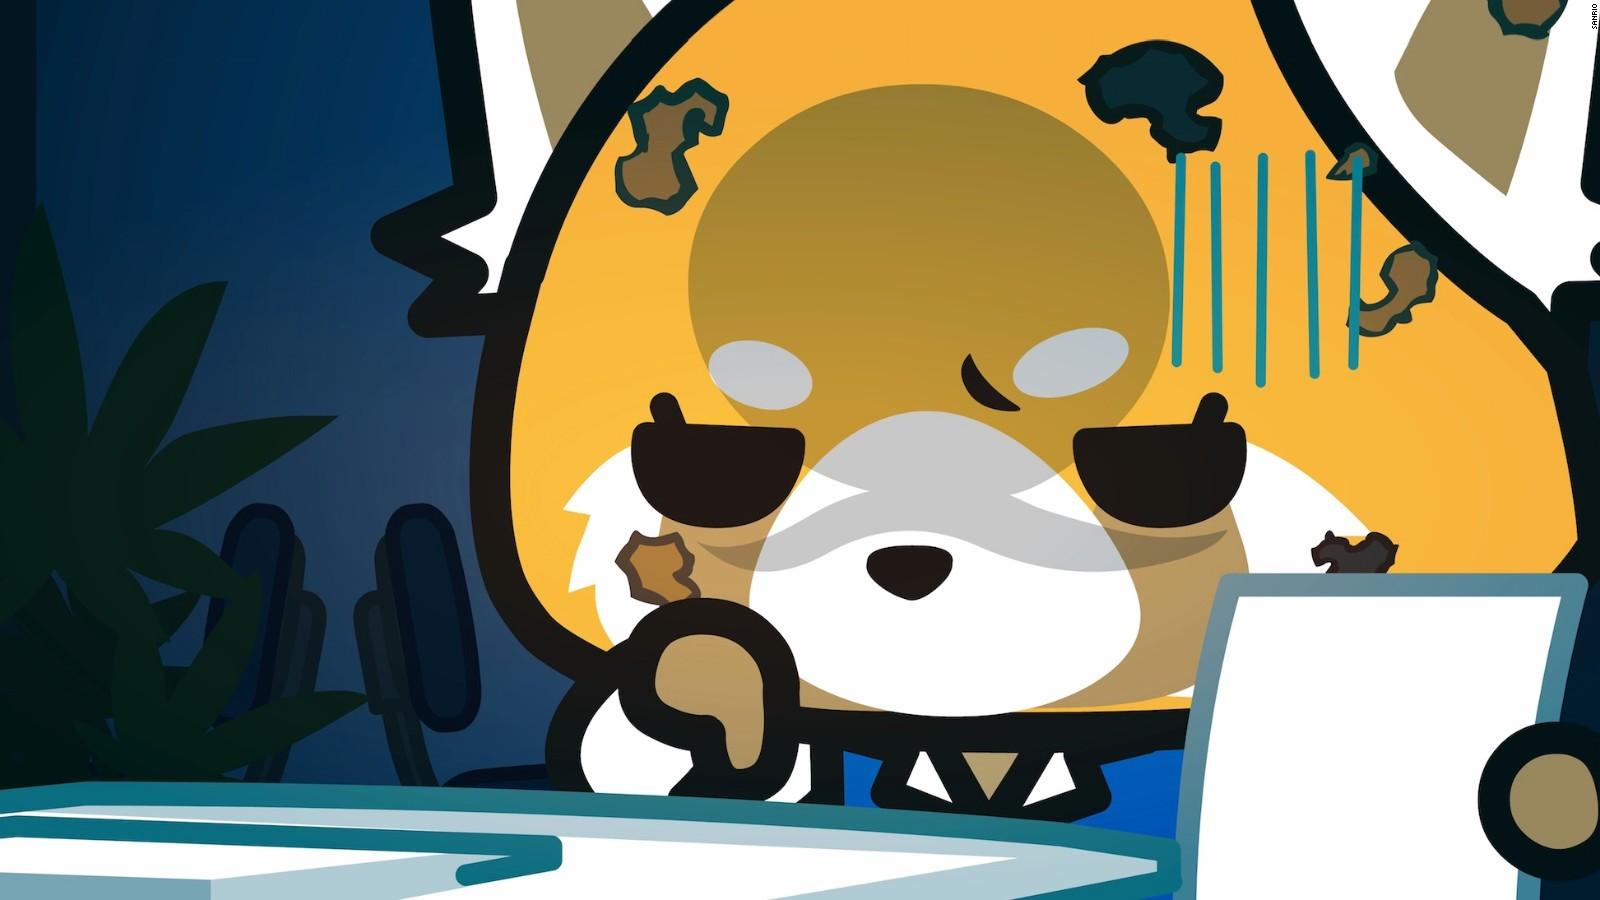 Must see Wallpaper Hello Kitty Panda - 170221075756-02redpanda-full-169  Graphic_16182.jpg